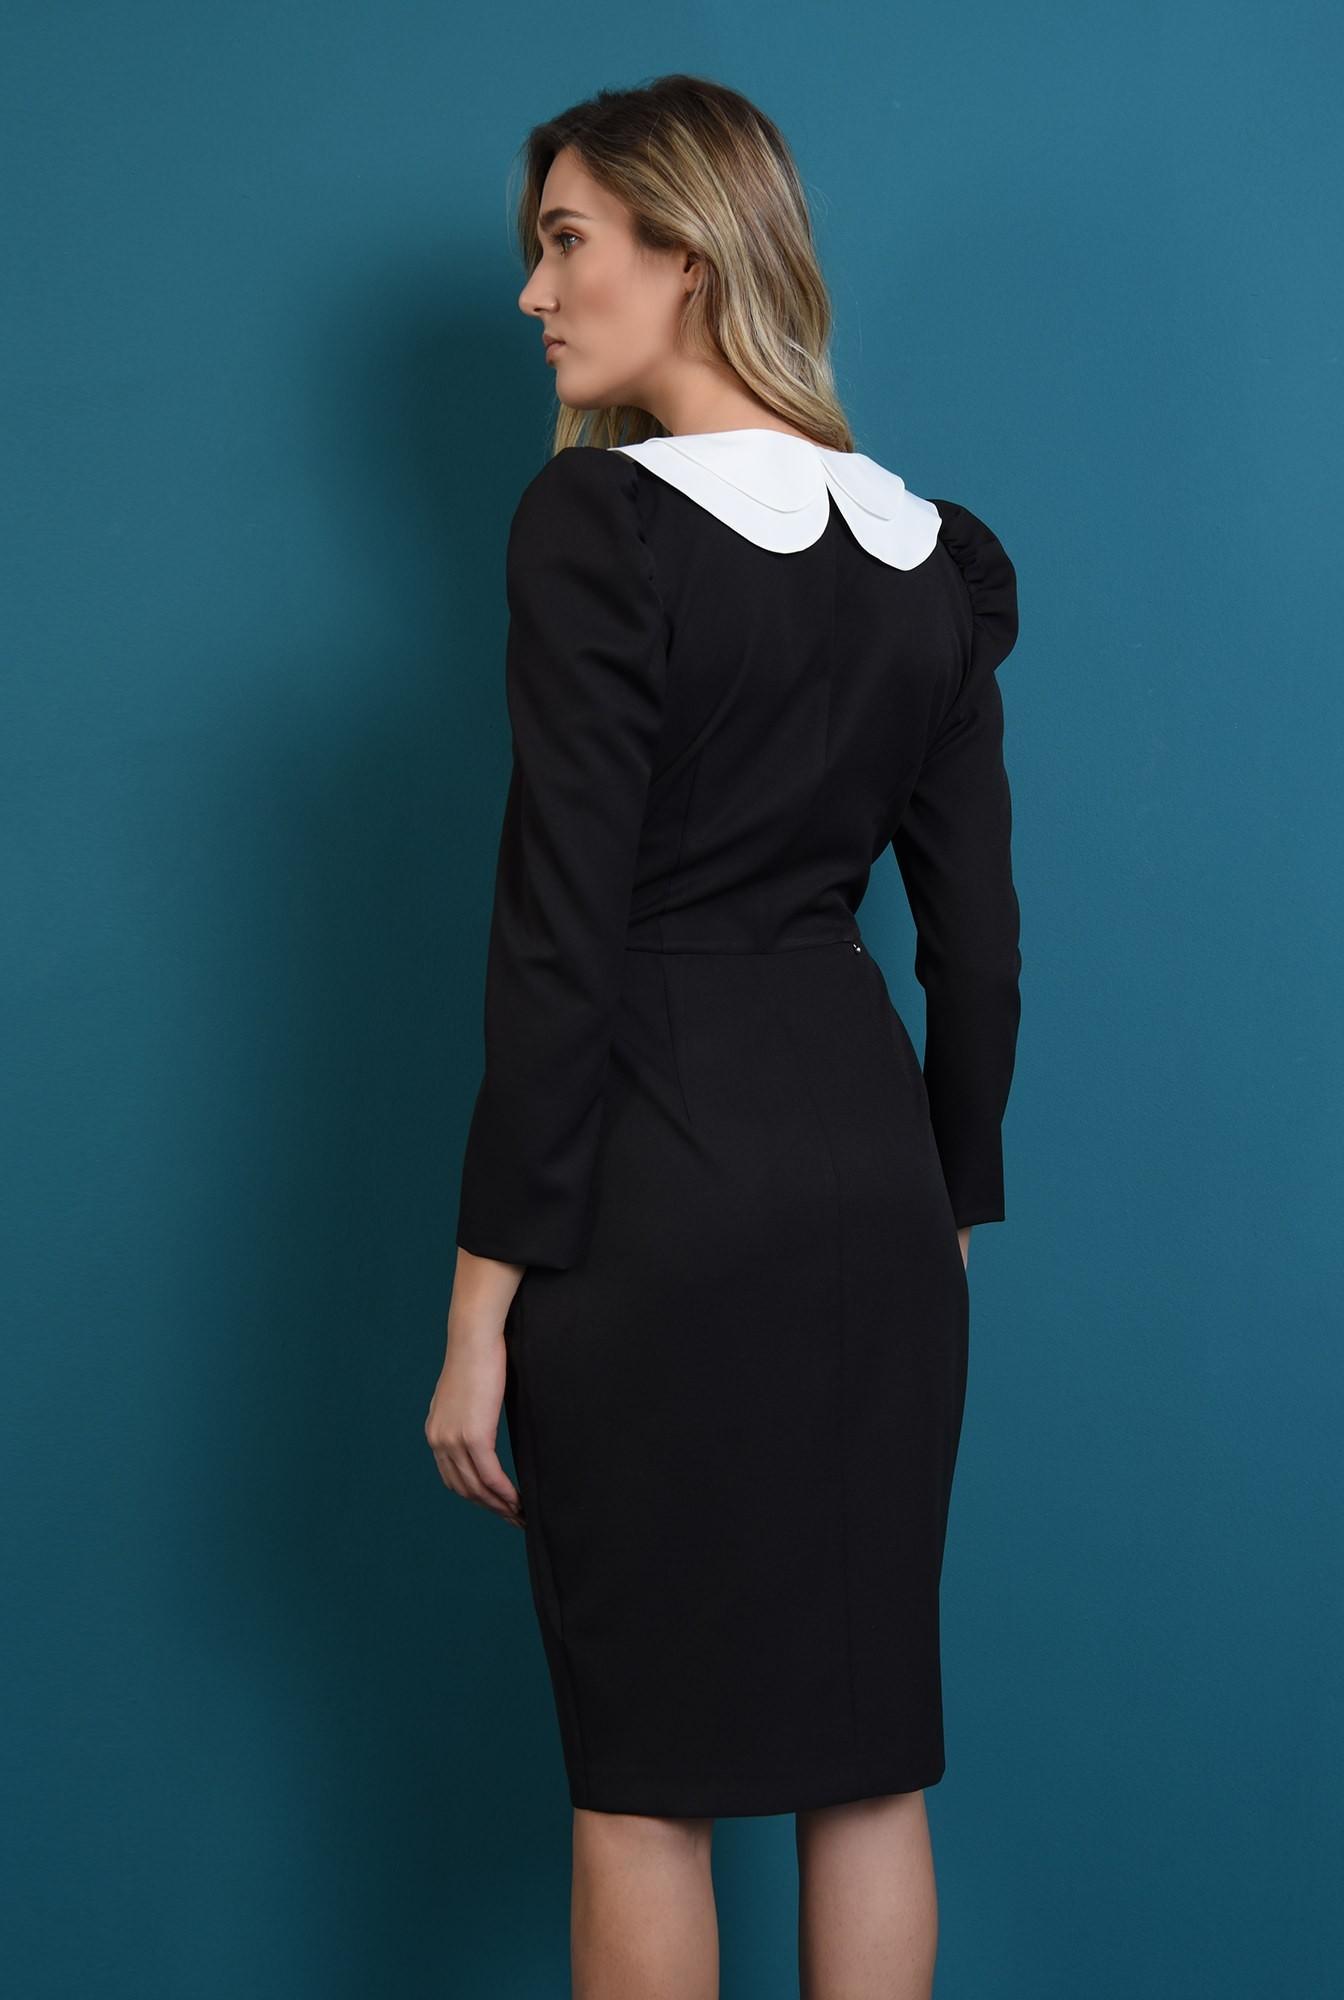 1 - rochie neagra, cu guler detasabil, cu umeri accentuati